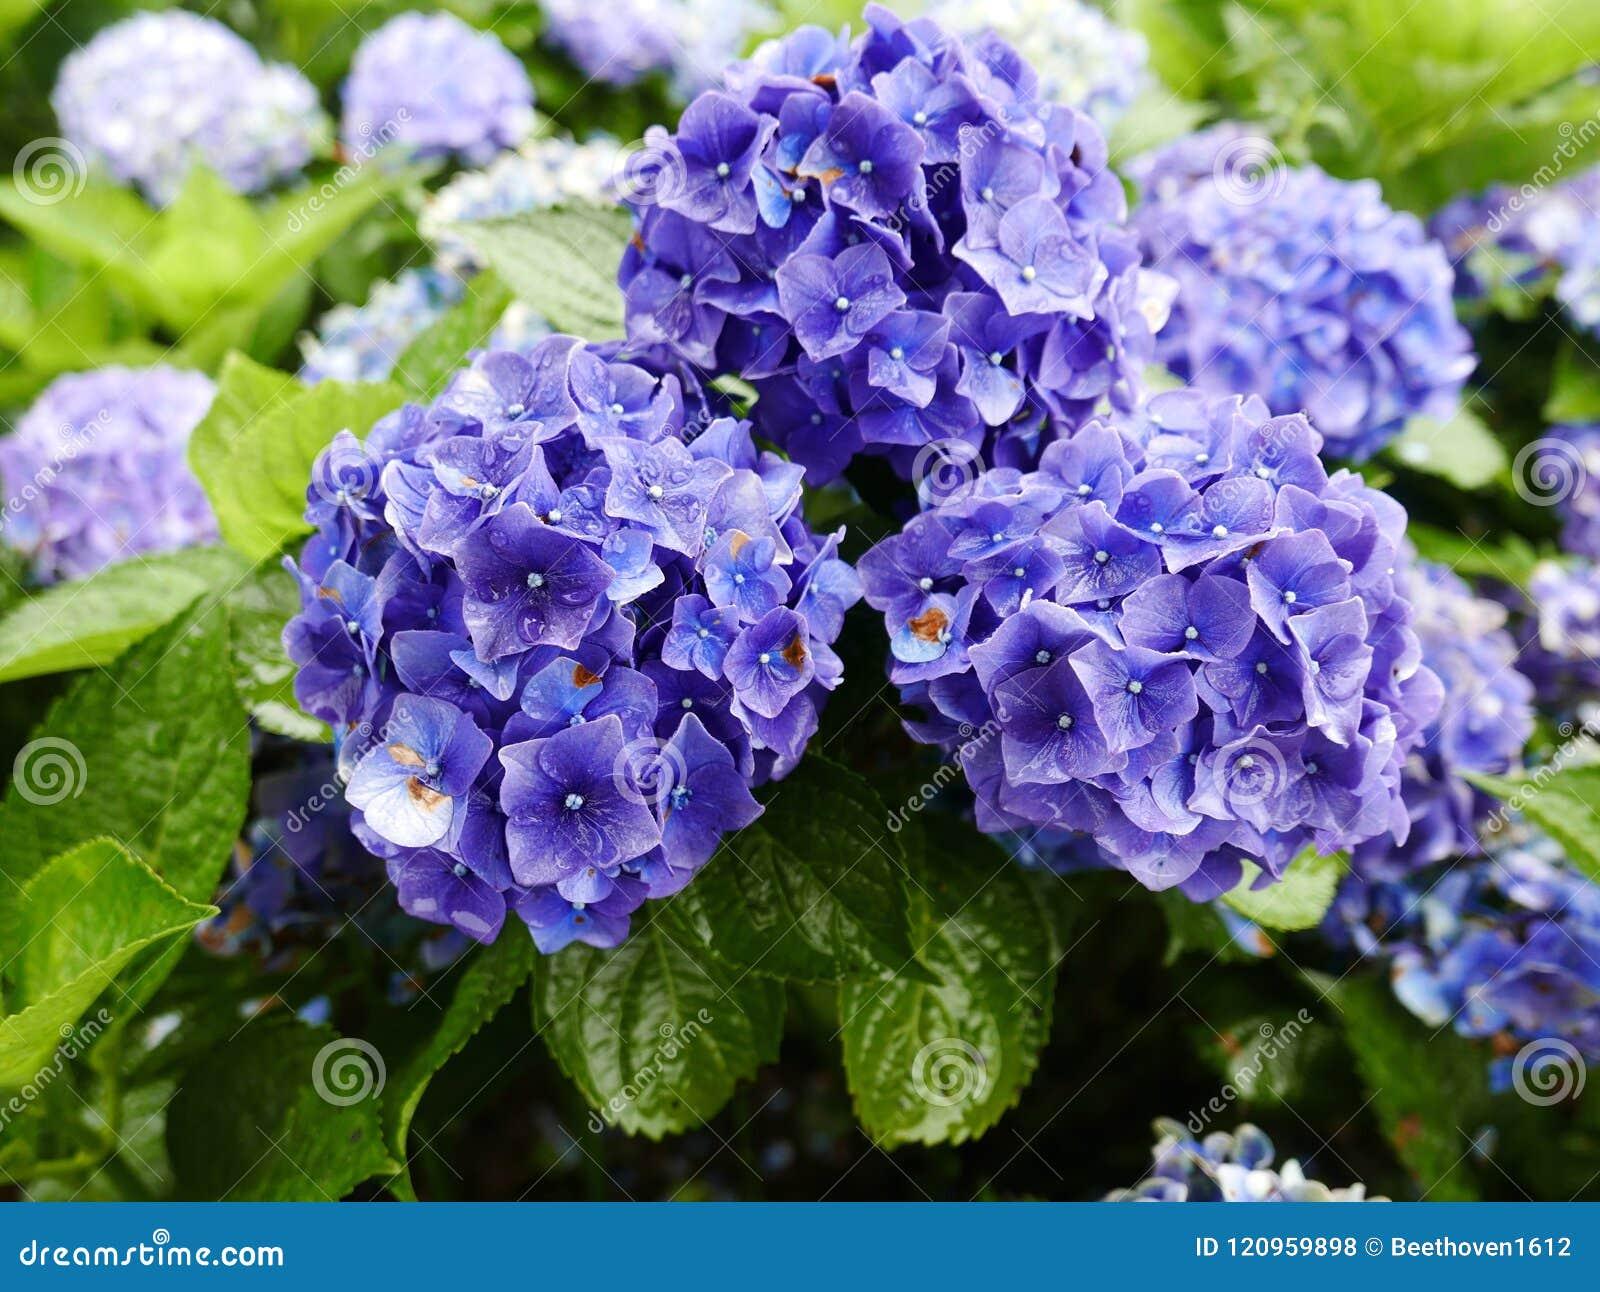 Fiori Viola.Fiori Viola Del Hydrangea Fotografia Stock Immagine Di Giardino